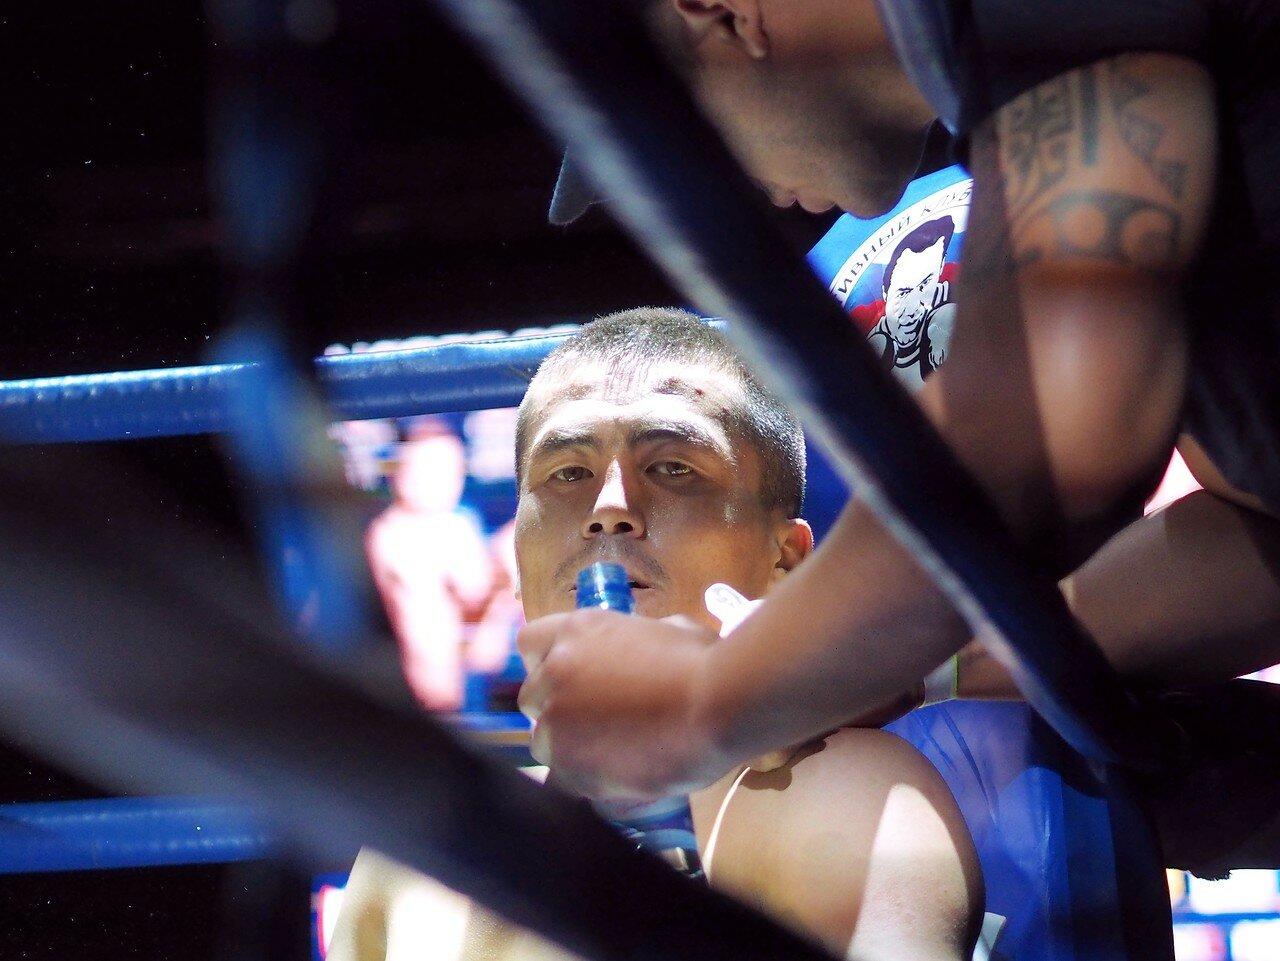 32 Вечер профессионального бокса в Магнитогорске 06.07.2017